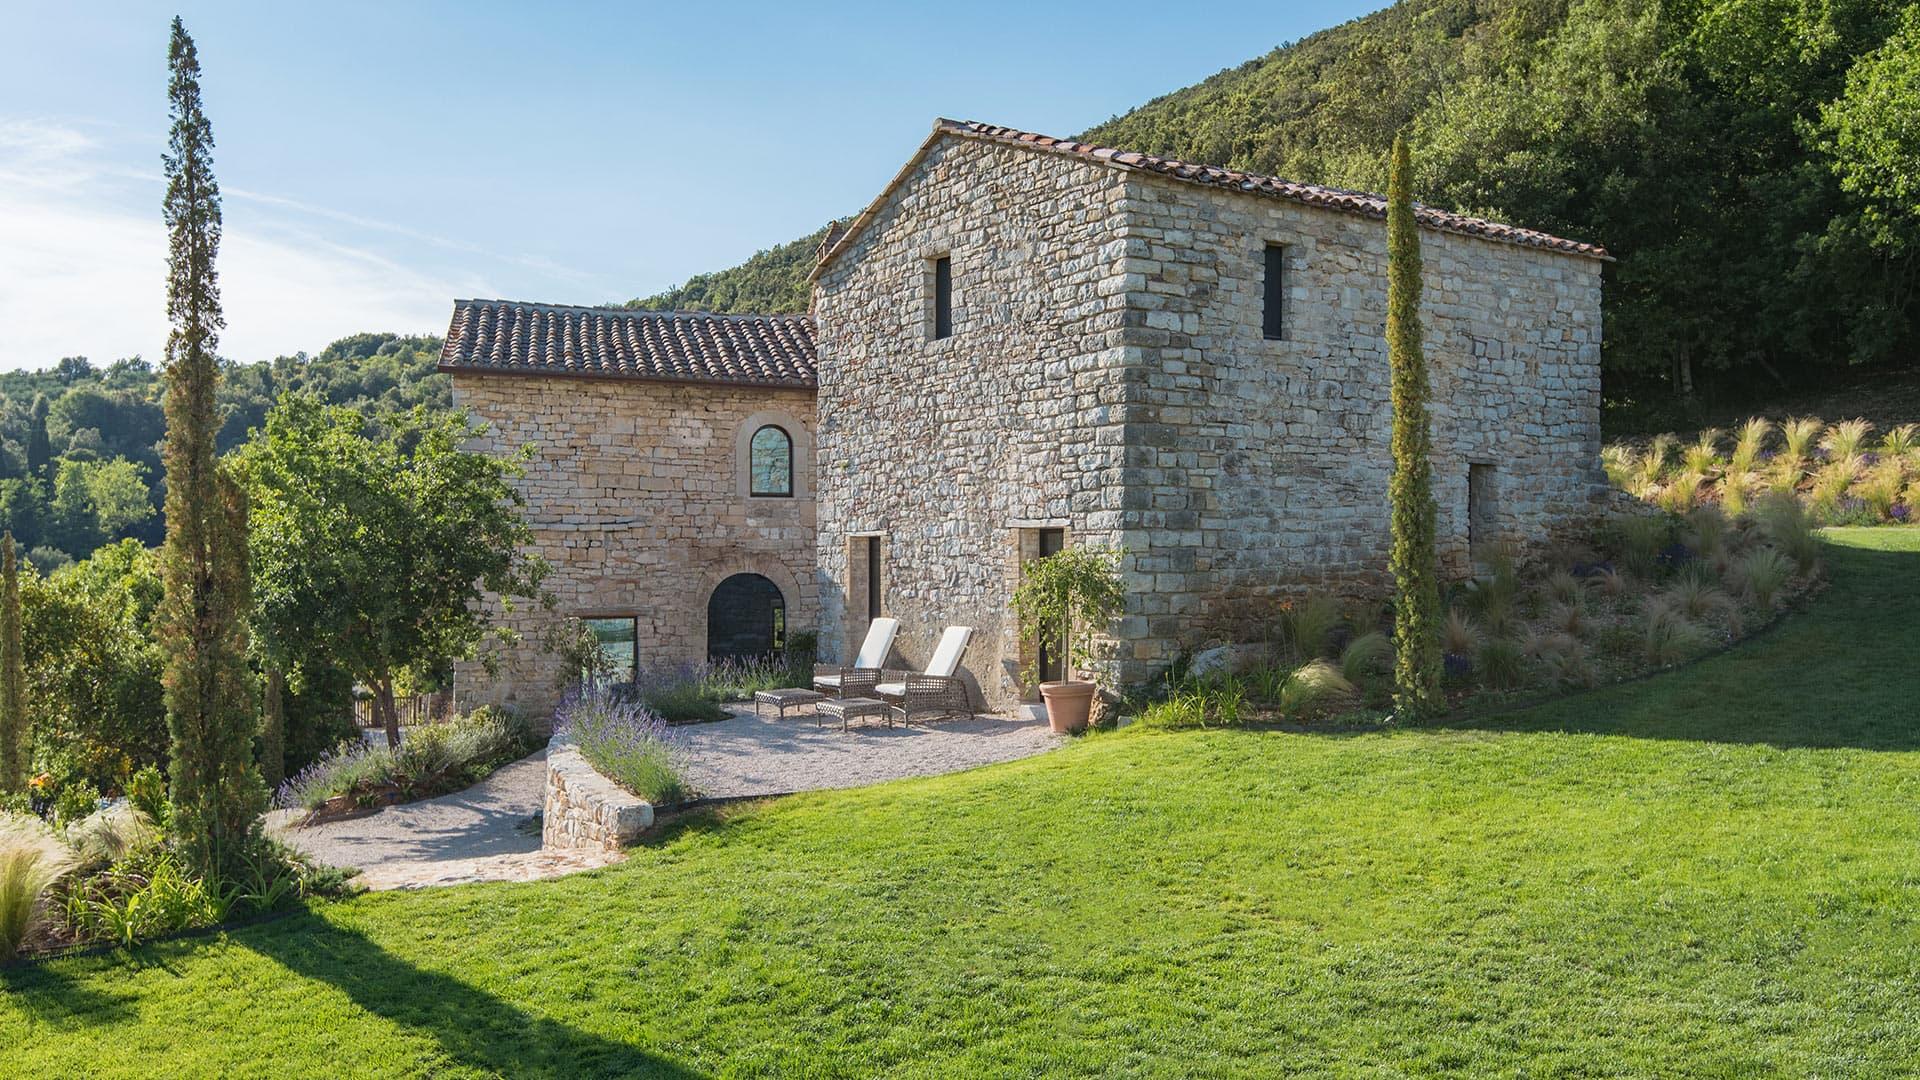 Villa Villa Penna, Rental in Umbria